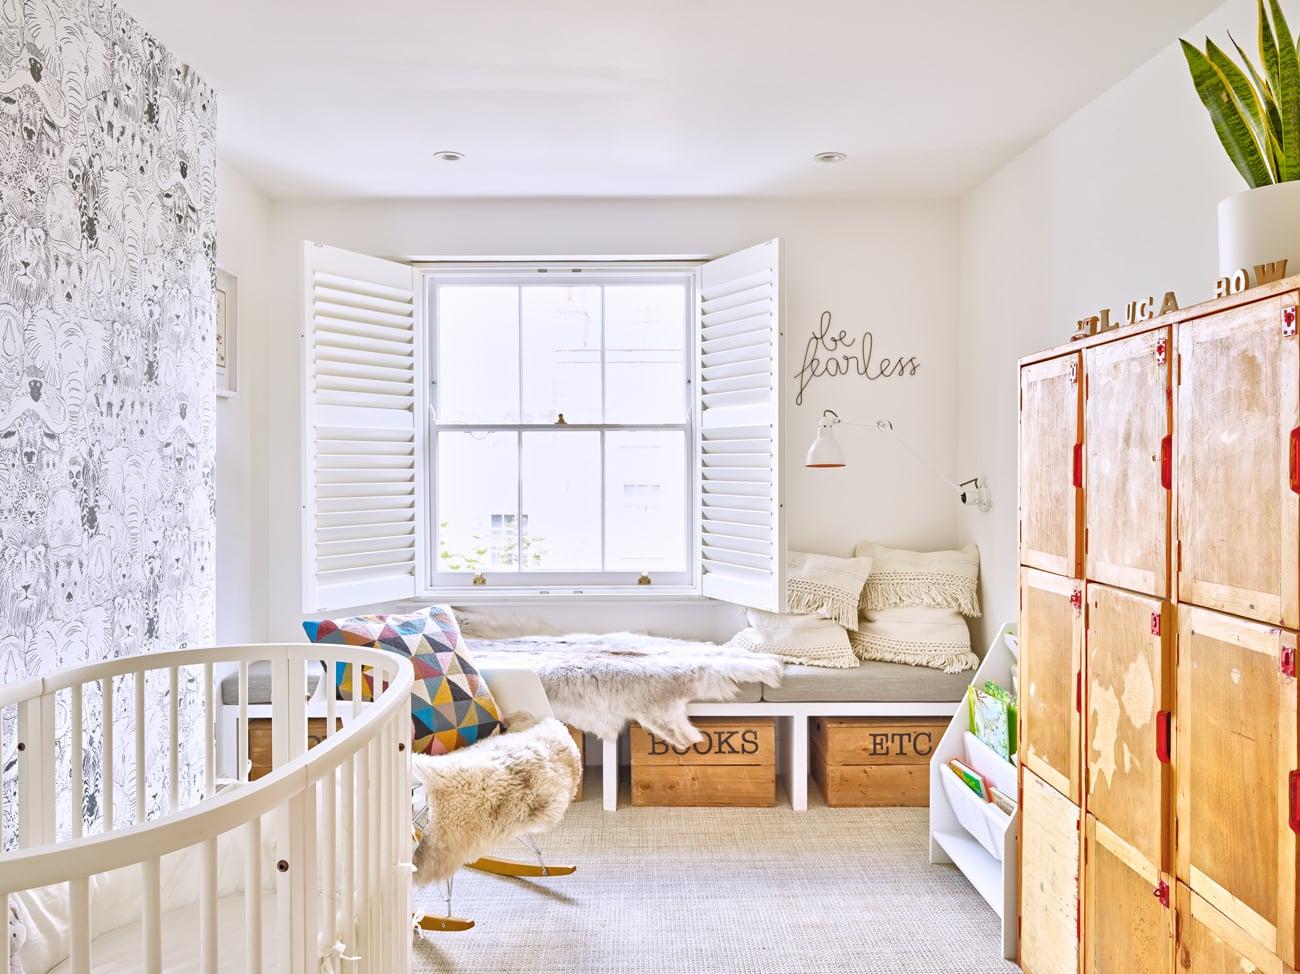 Rustic bedroom concept